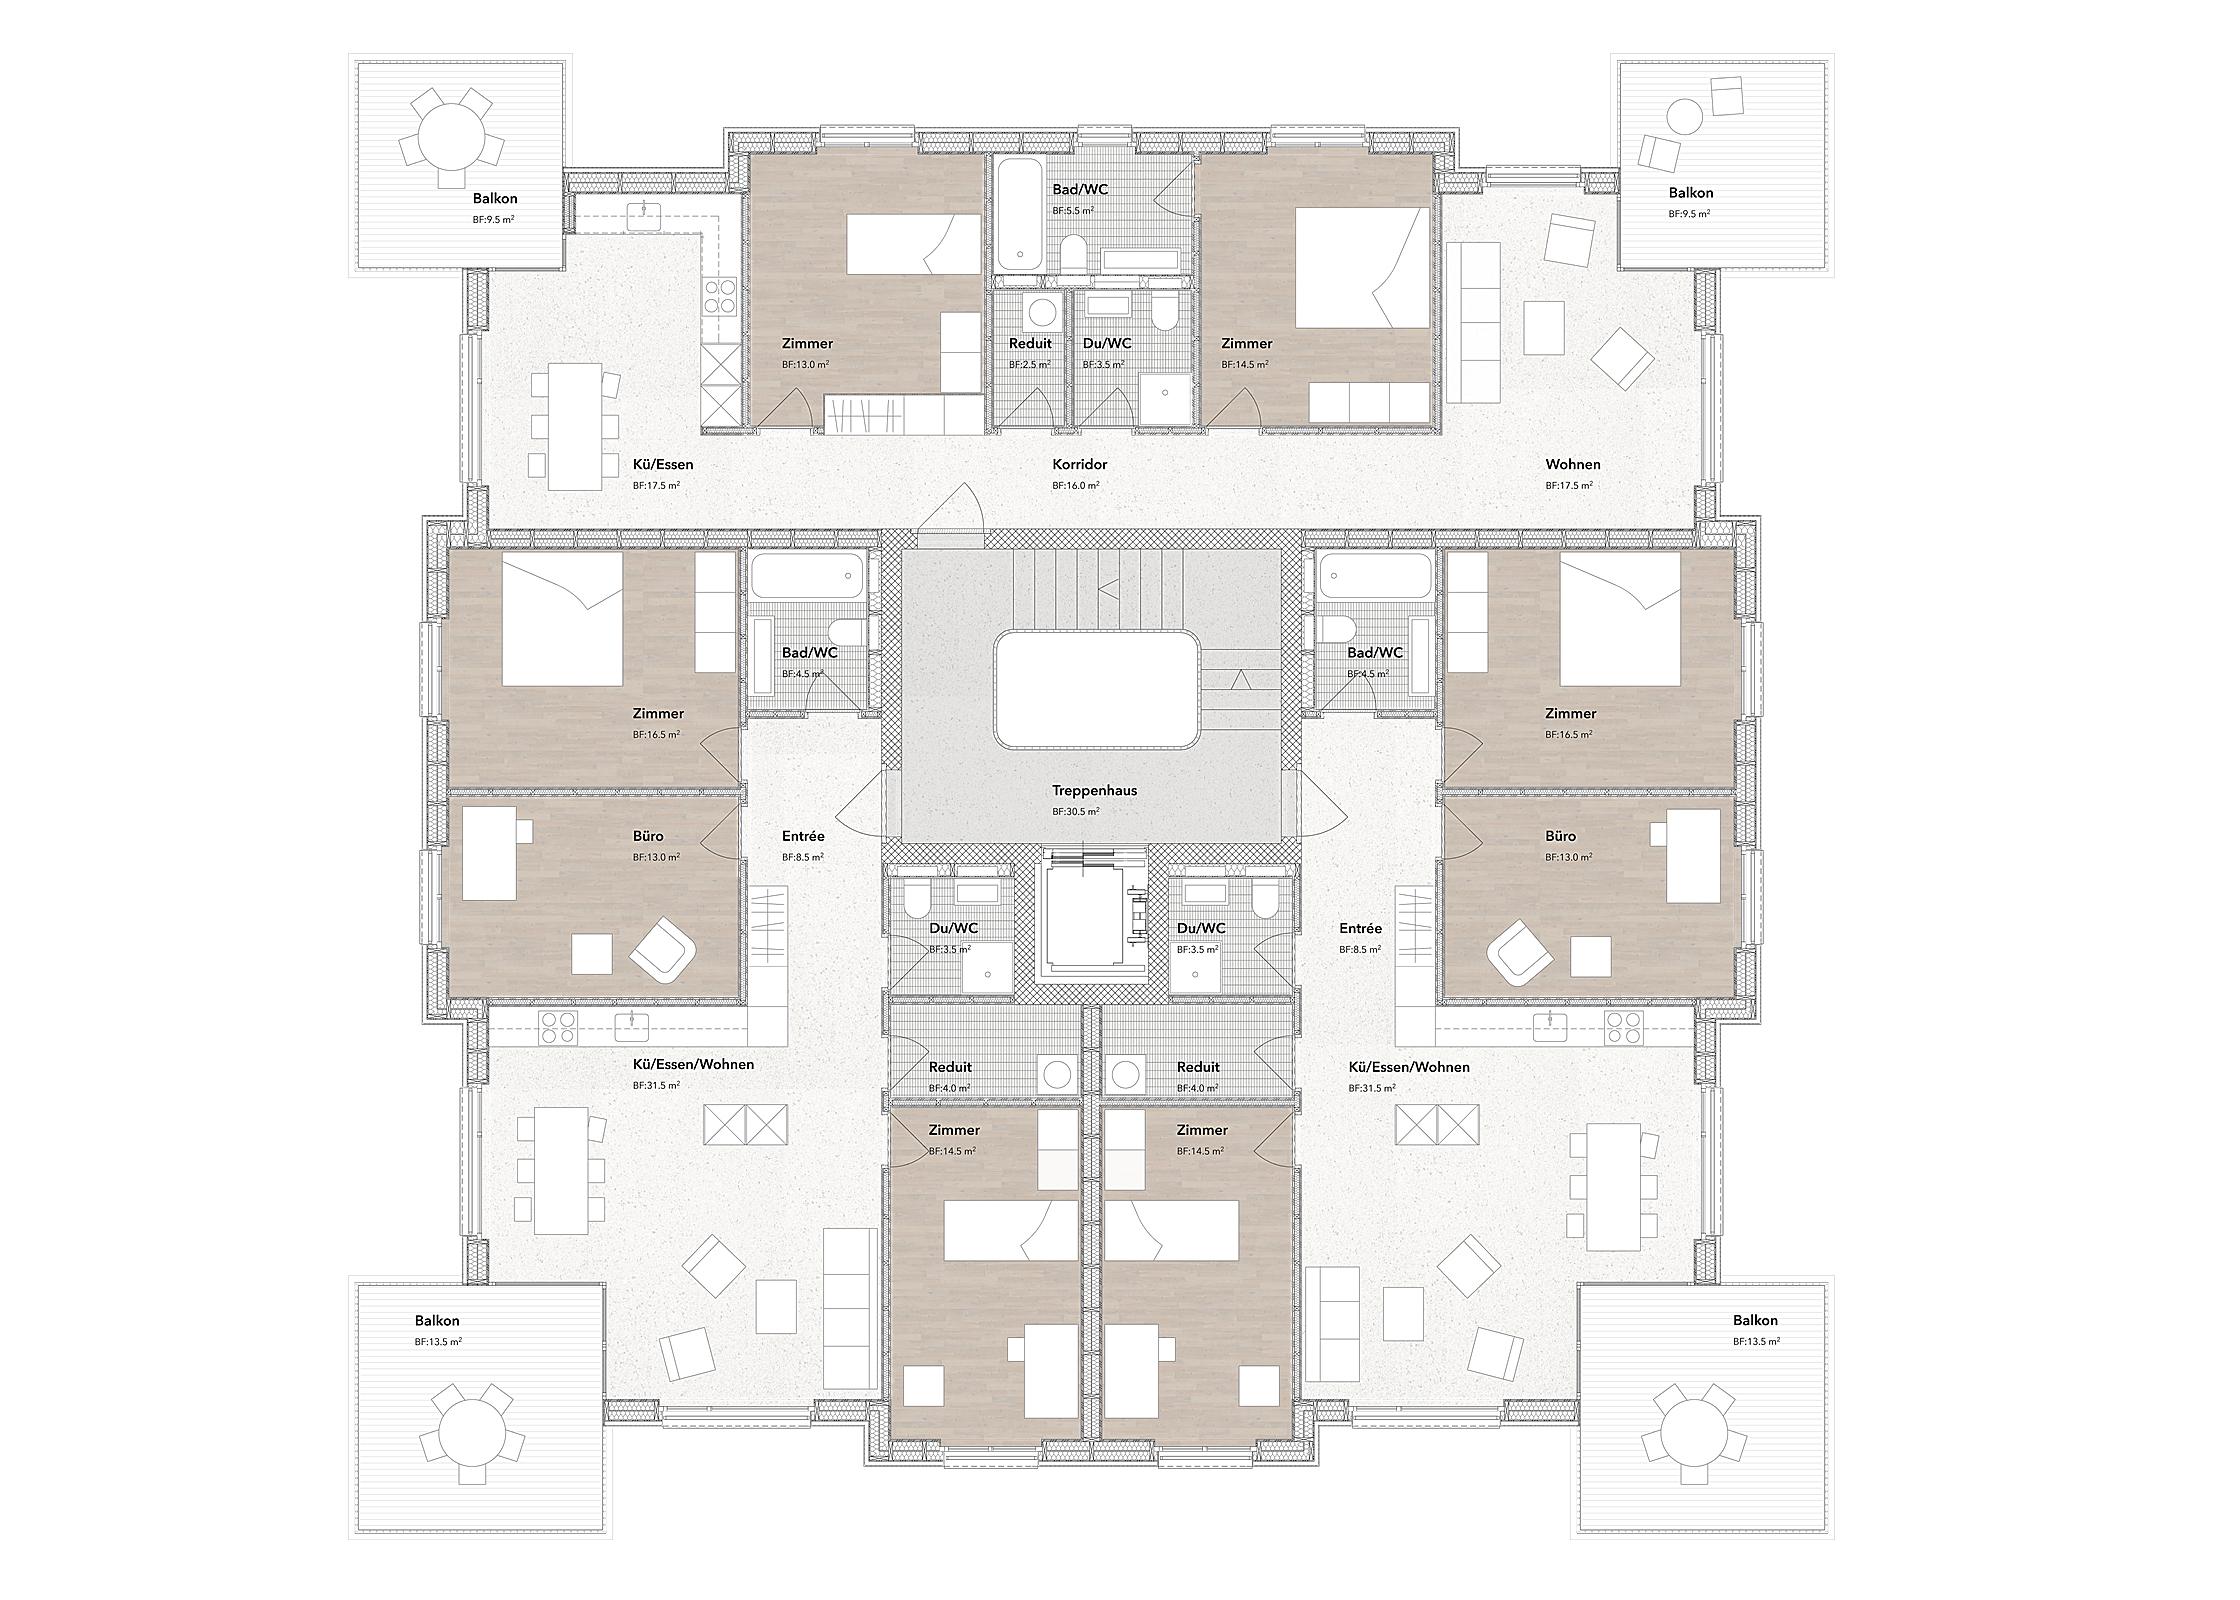 Areal Bosmatt Kriens, Eggenspieler Architekten AG